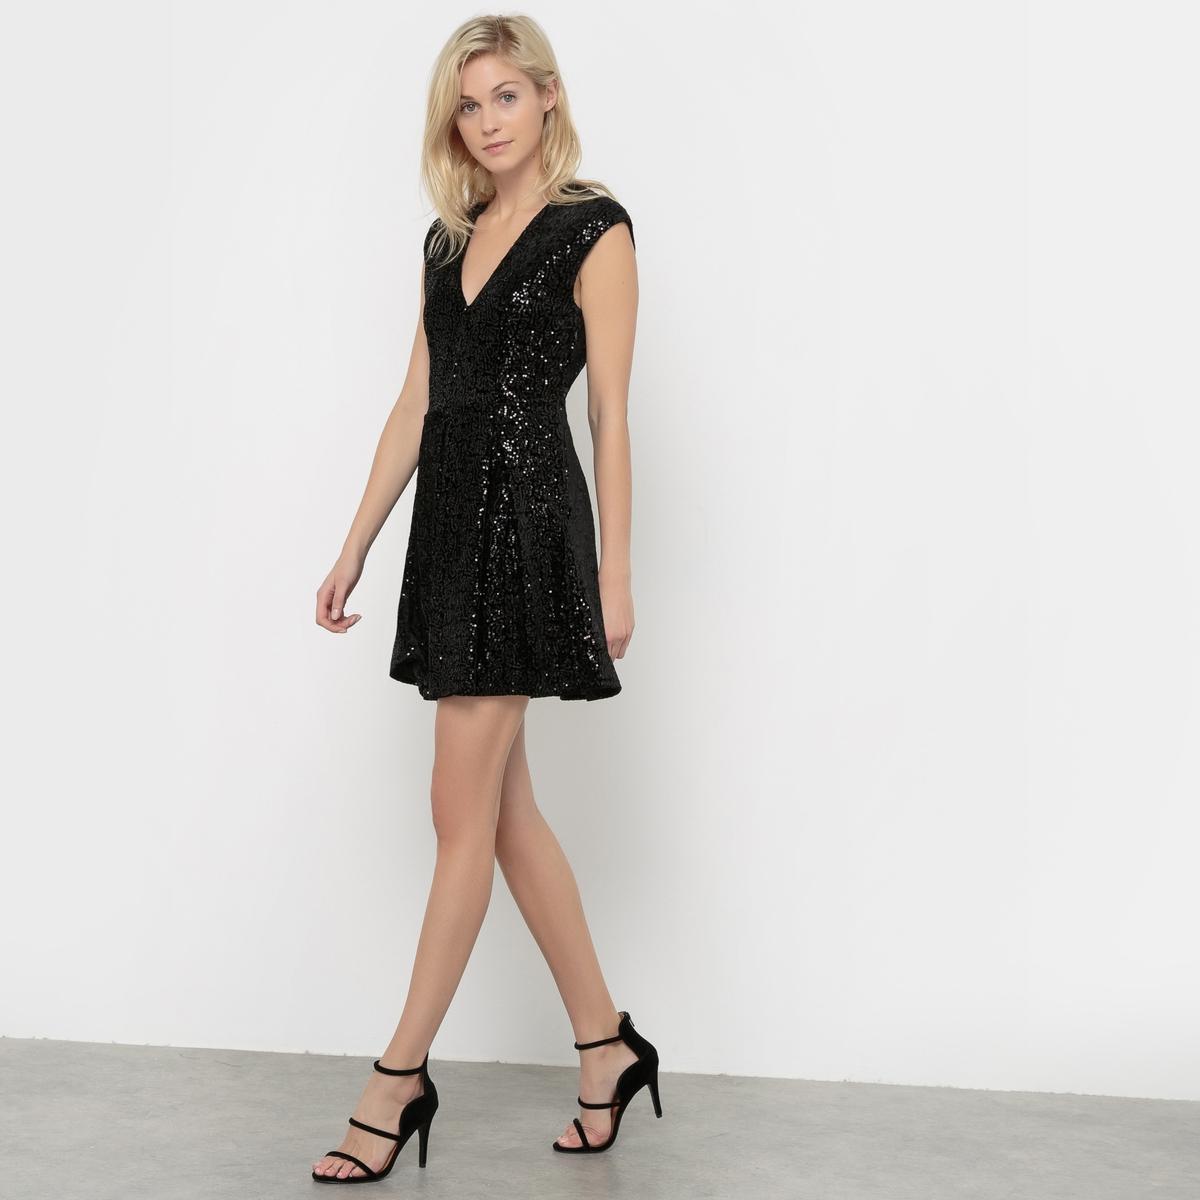 Платье с маленькими рукавамиПлатье от VERO MODA.Стильное и соблазнительное ! V-образный вырез. Юбка расклешенная. Платье с отделкой блестками .           Состав и описание     Материал         96% полиэстера, 4% эластана      Марка        VERO MODA<br><br>Цвет: черный<br>Размер: XS